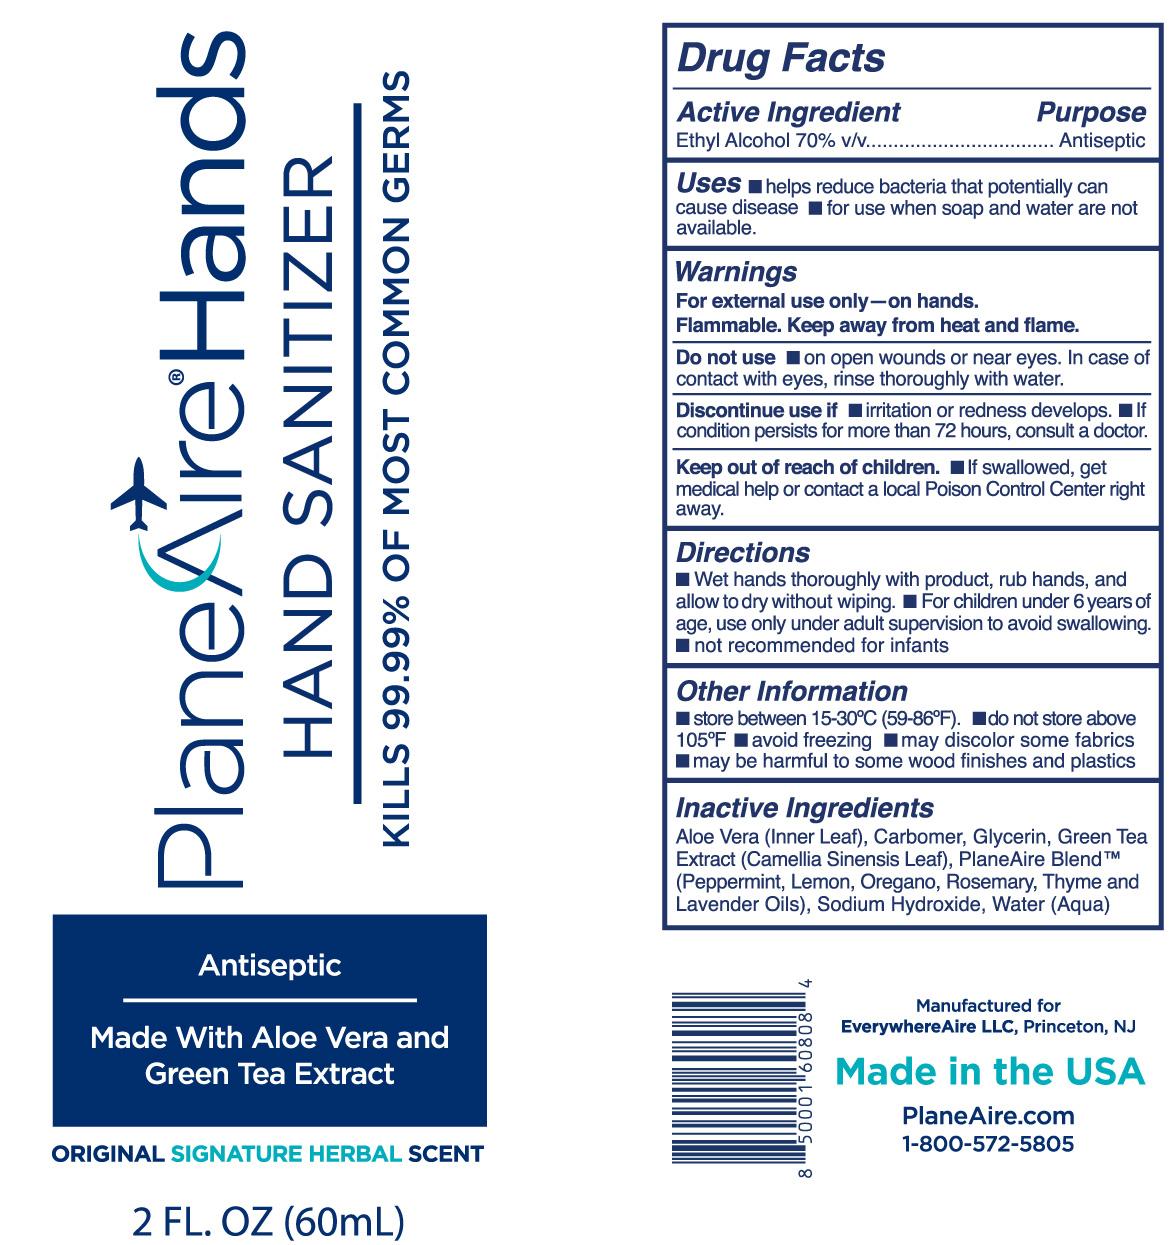 PAH Label 80335-104-02